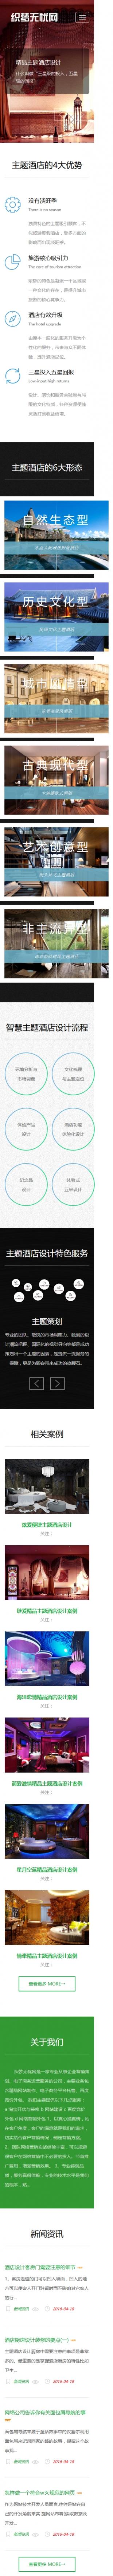 主题酒店设计类模板制作网站HTML5响应式自适应手机图片